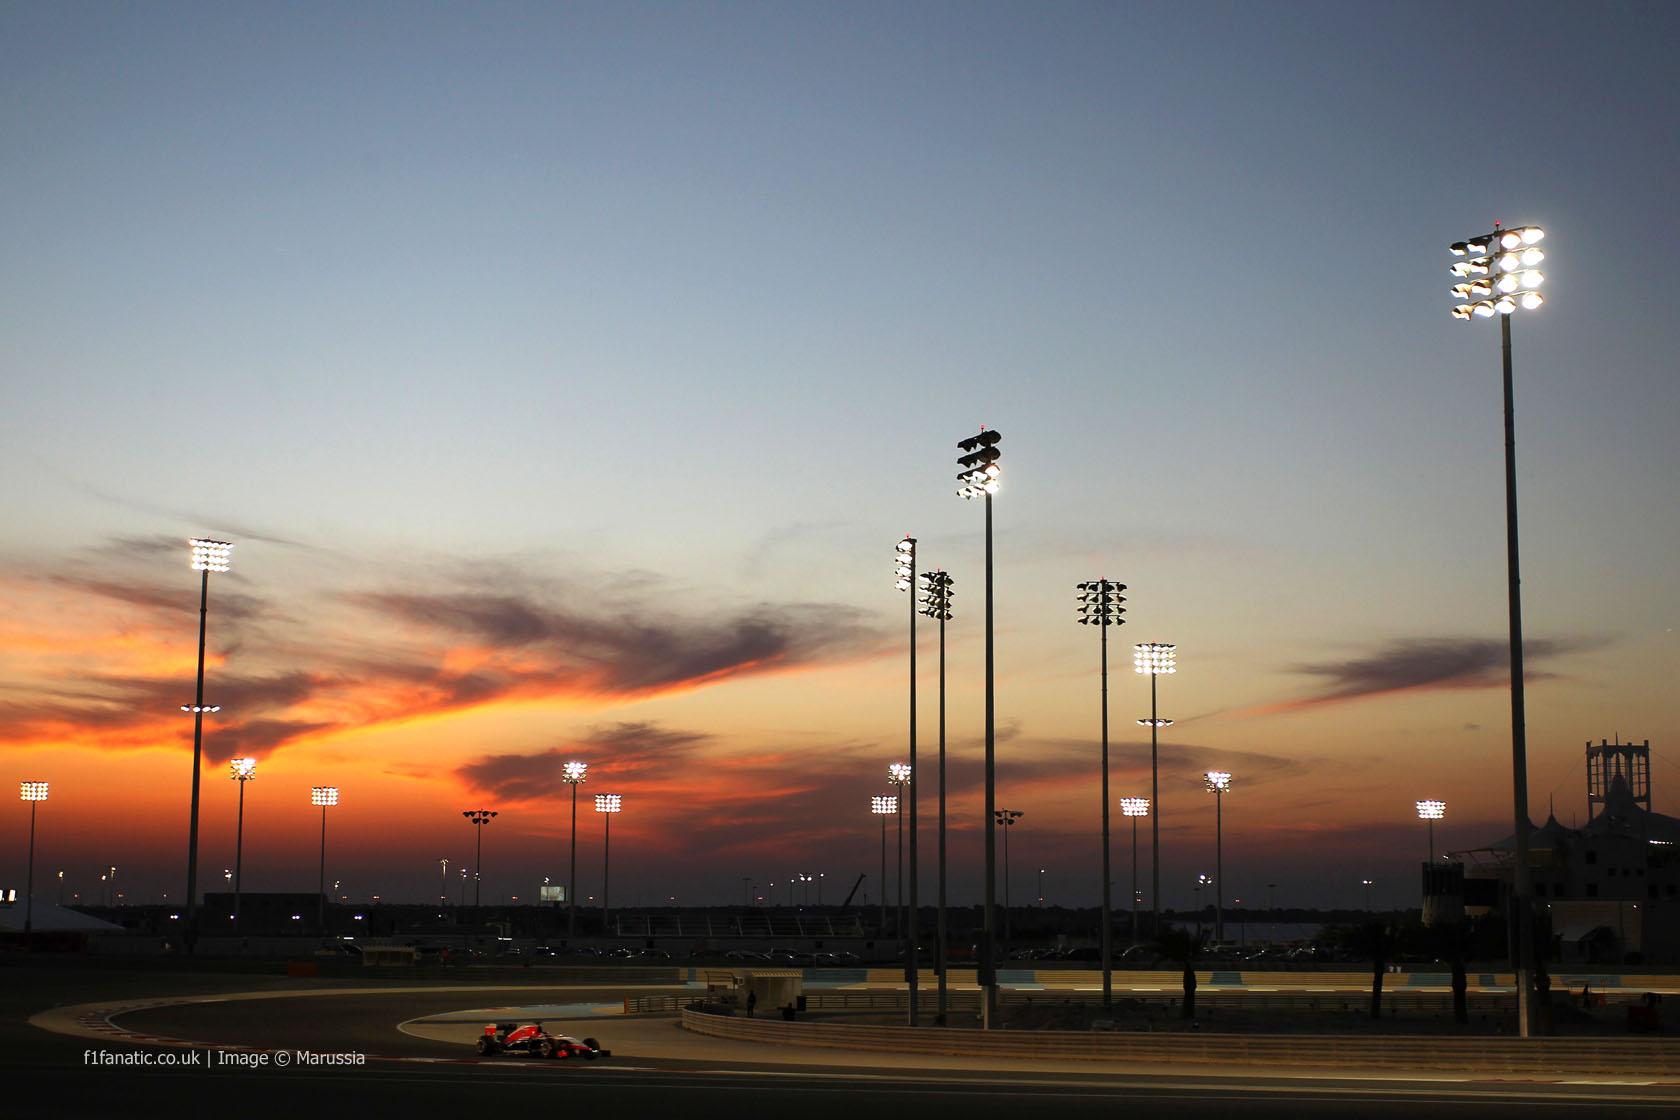 Max Chilton, Marussia, Bahrain, 2014